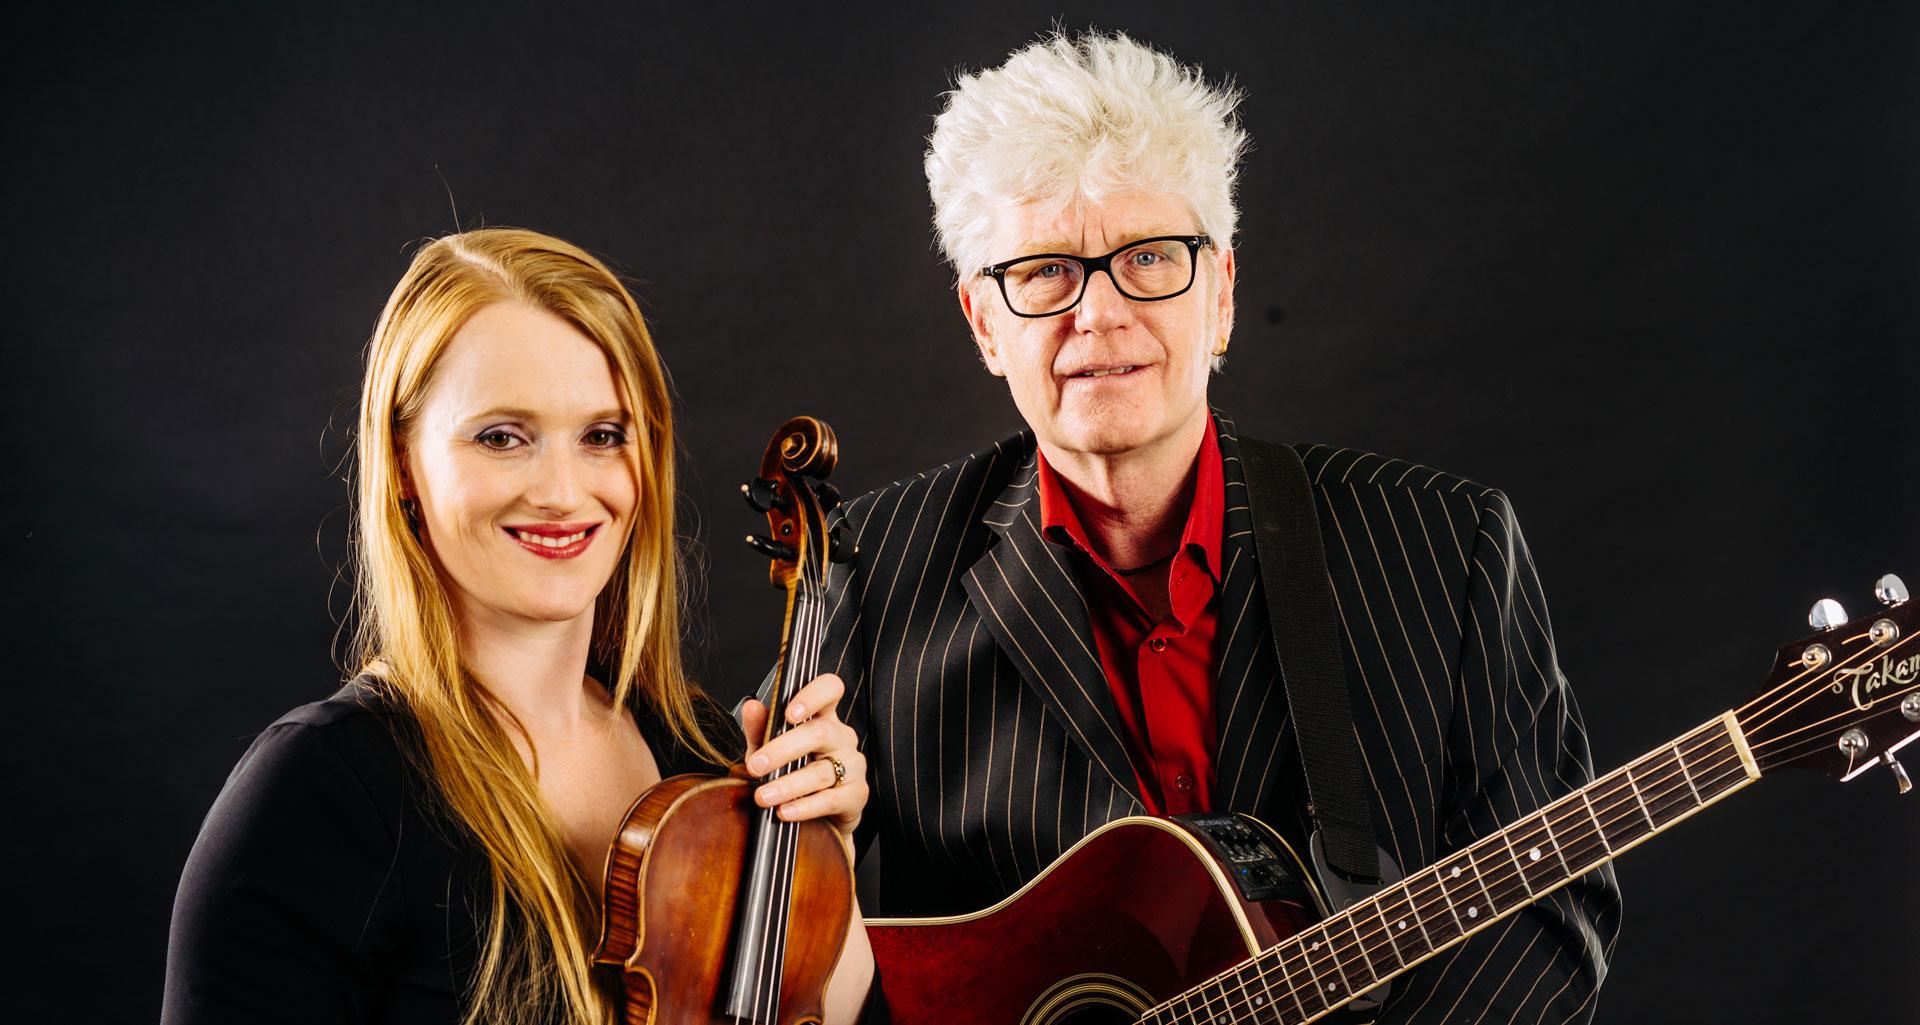 Konzert des Duo Eva Wey & Joe Schwach